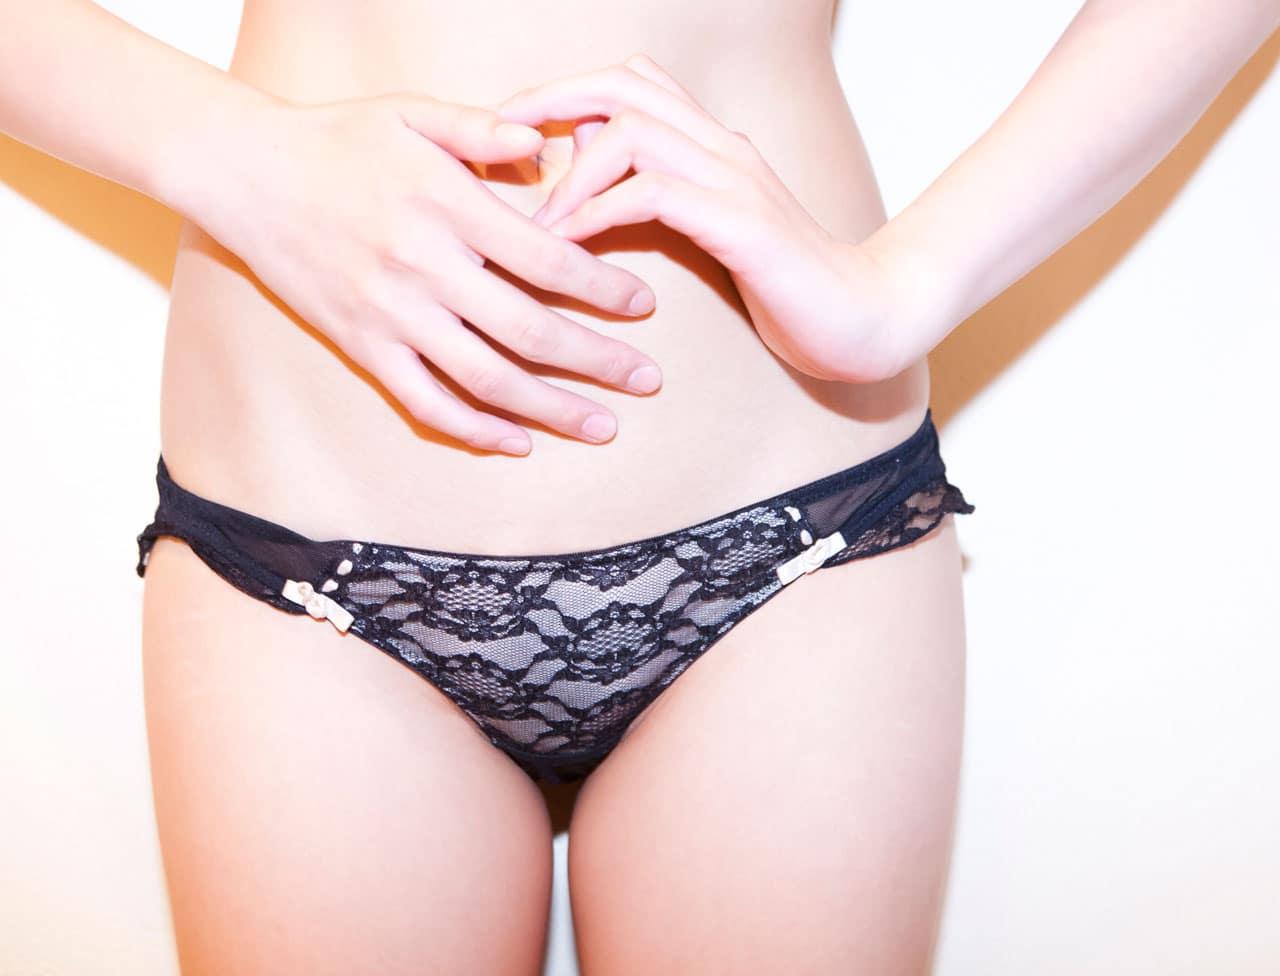 Ovulation douloureuse : un problème héréditaire